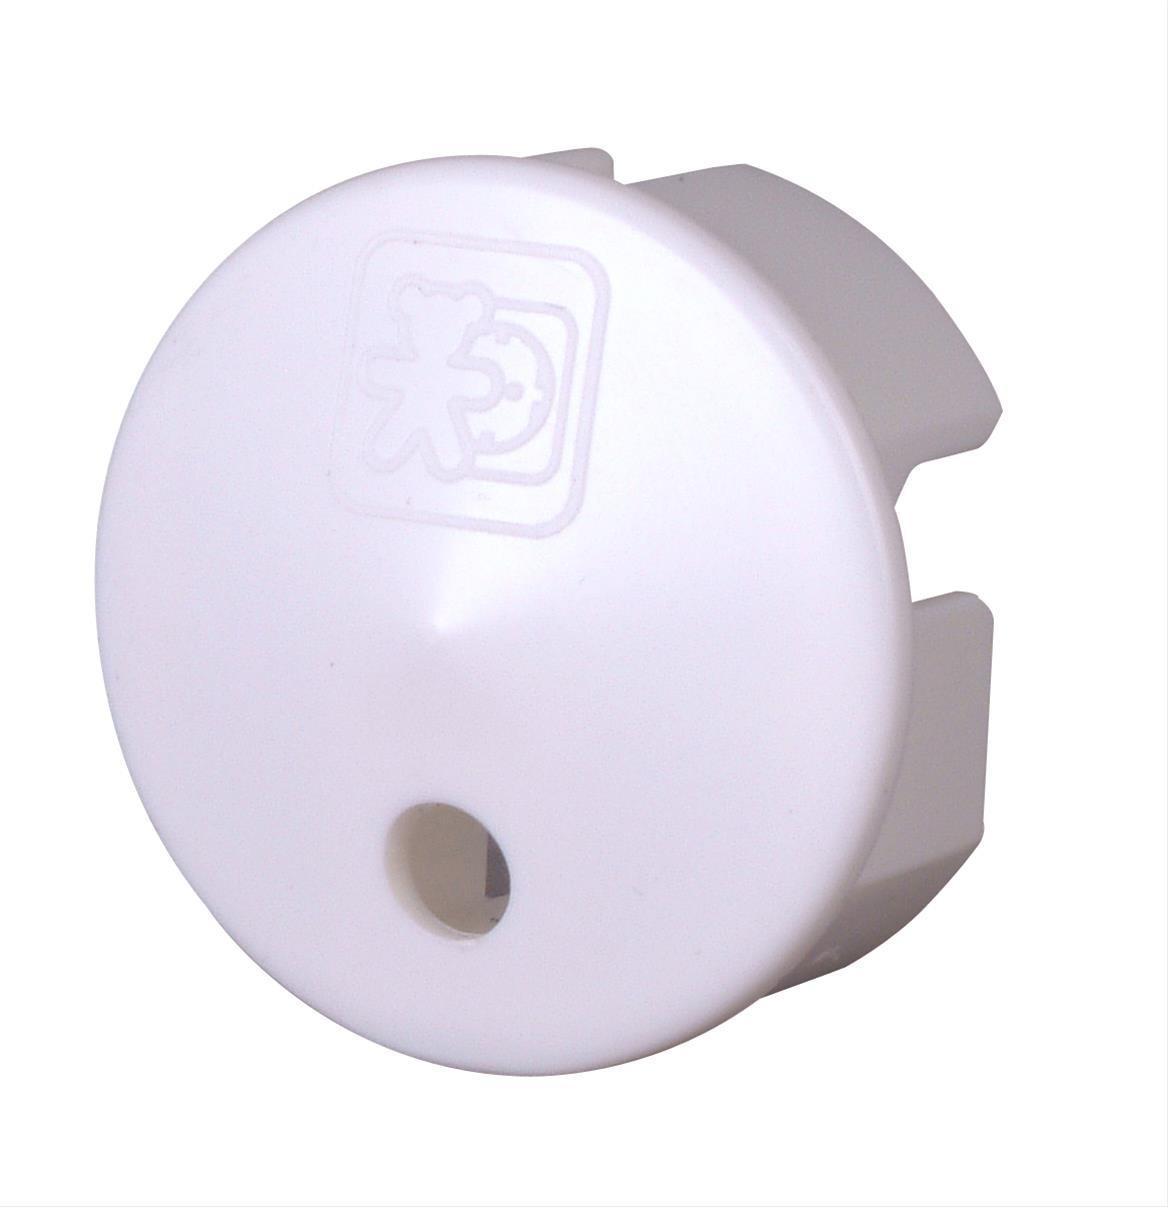 Kopp Sicherheitsabdeckung für Steckdose weiss Bild 1